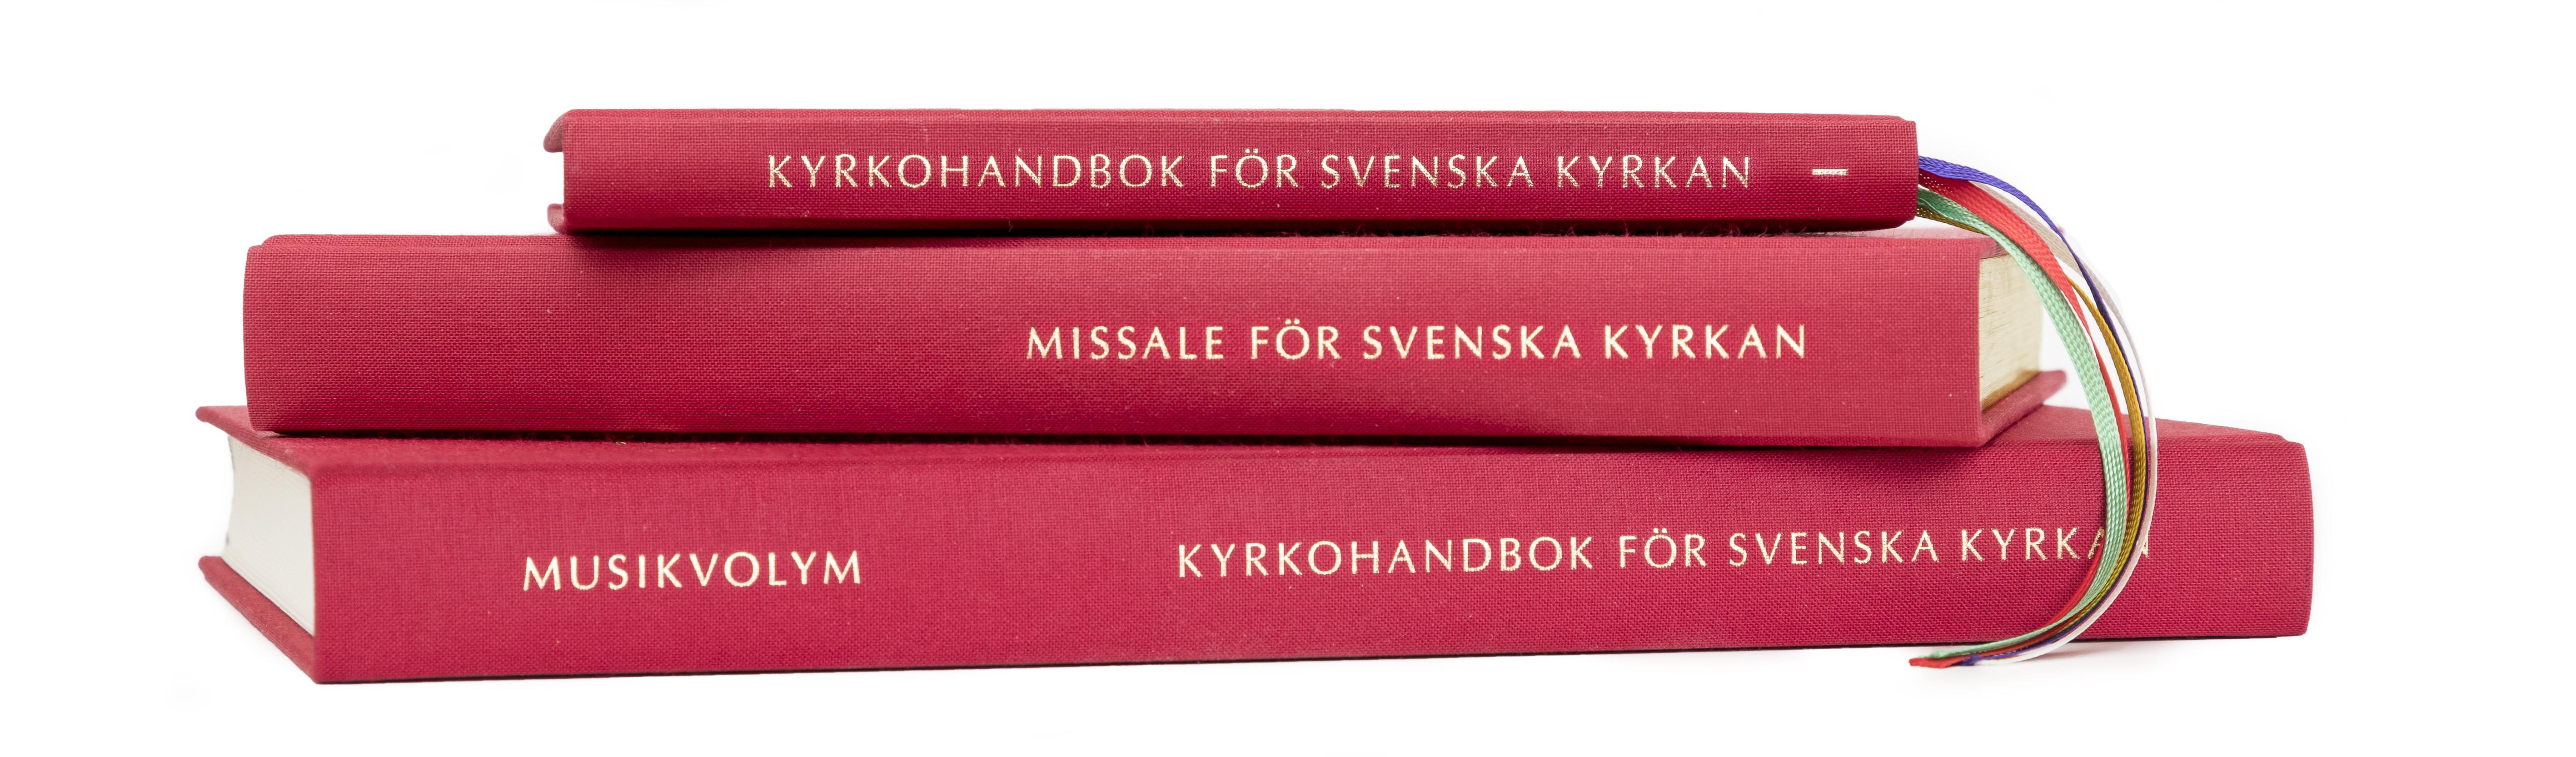 Kyrkohandbok för Svenska kyrkan